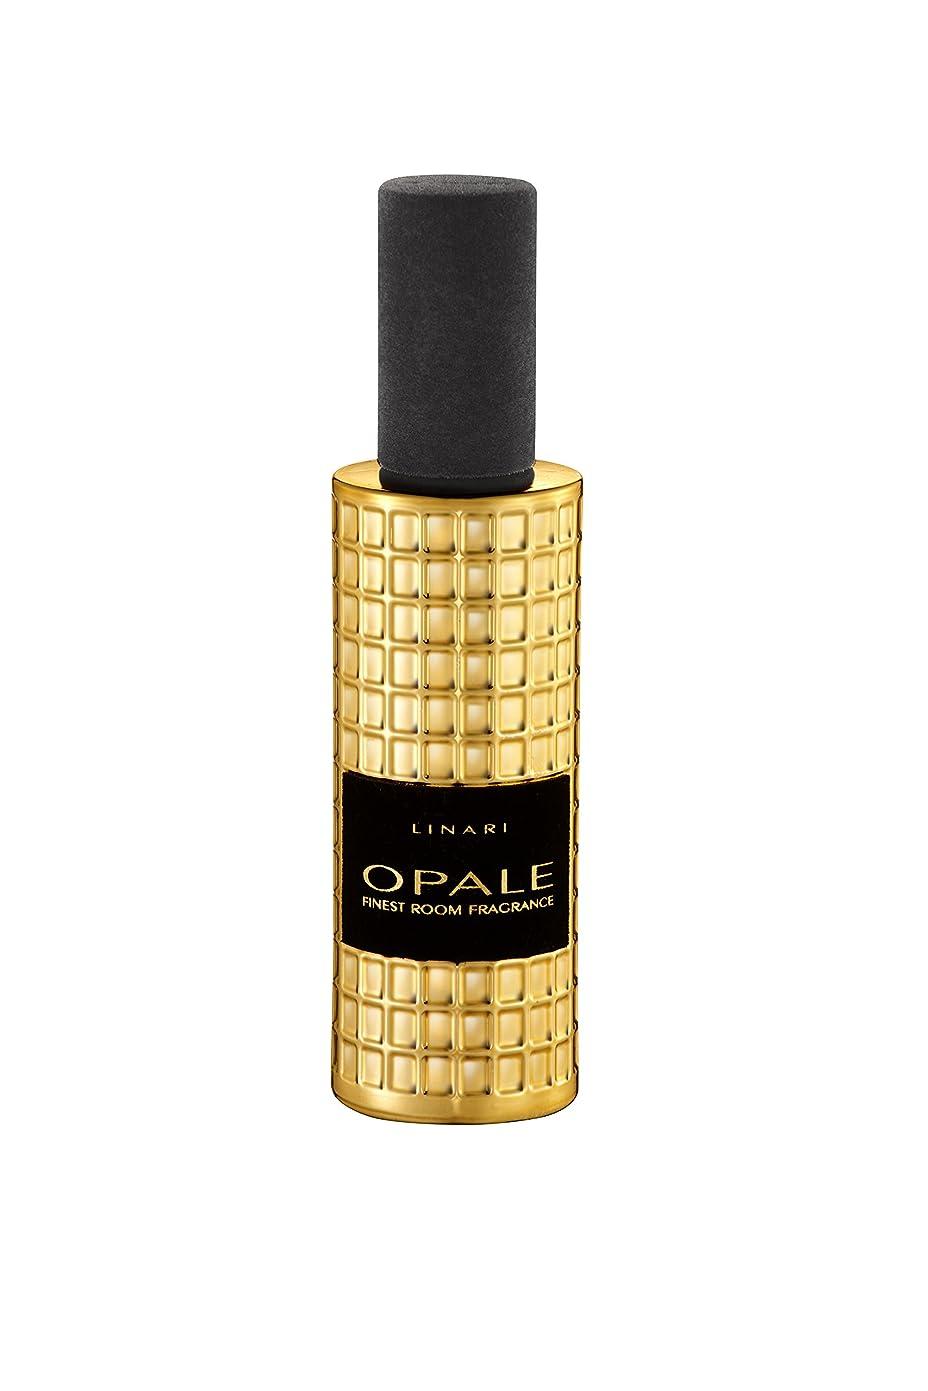 着実に北へ配送LINARI リナーリ ルームスプレー Room Spray オパール OPALE DIAMOND LINE